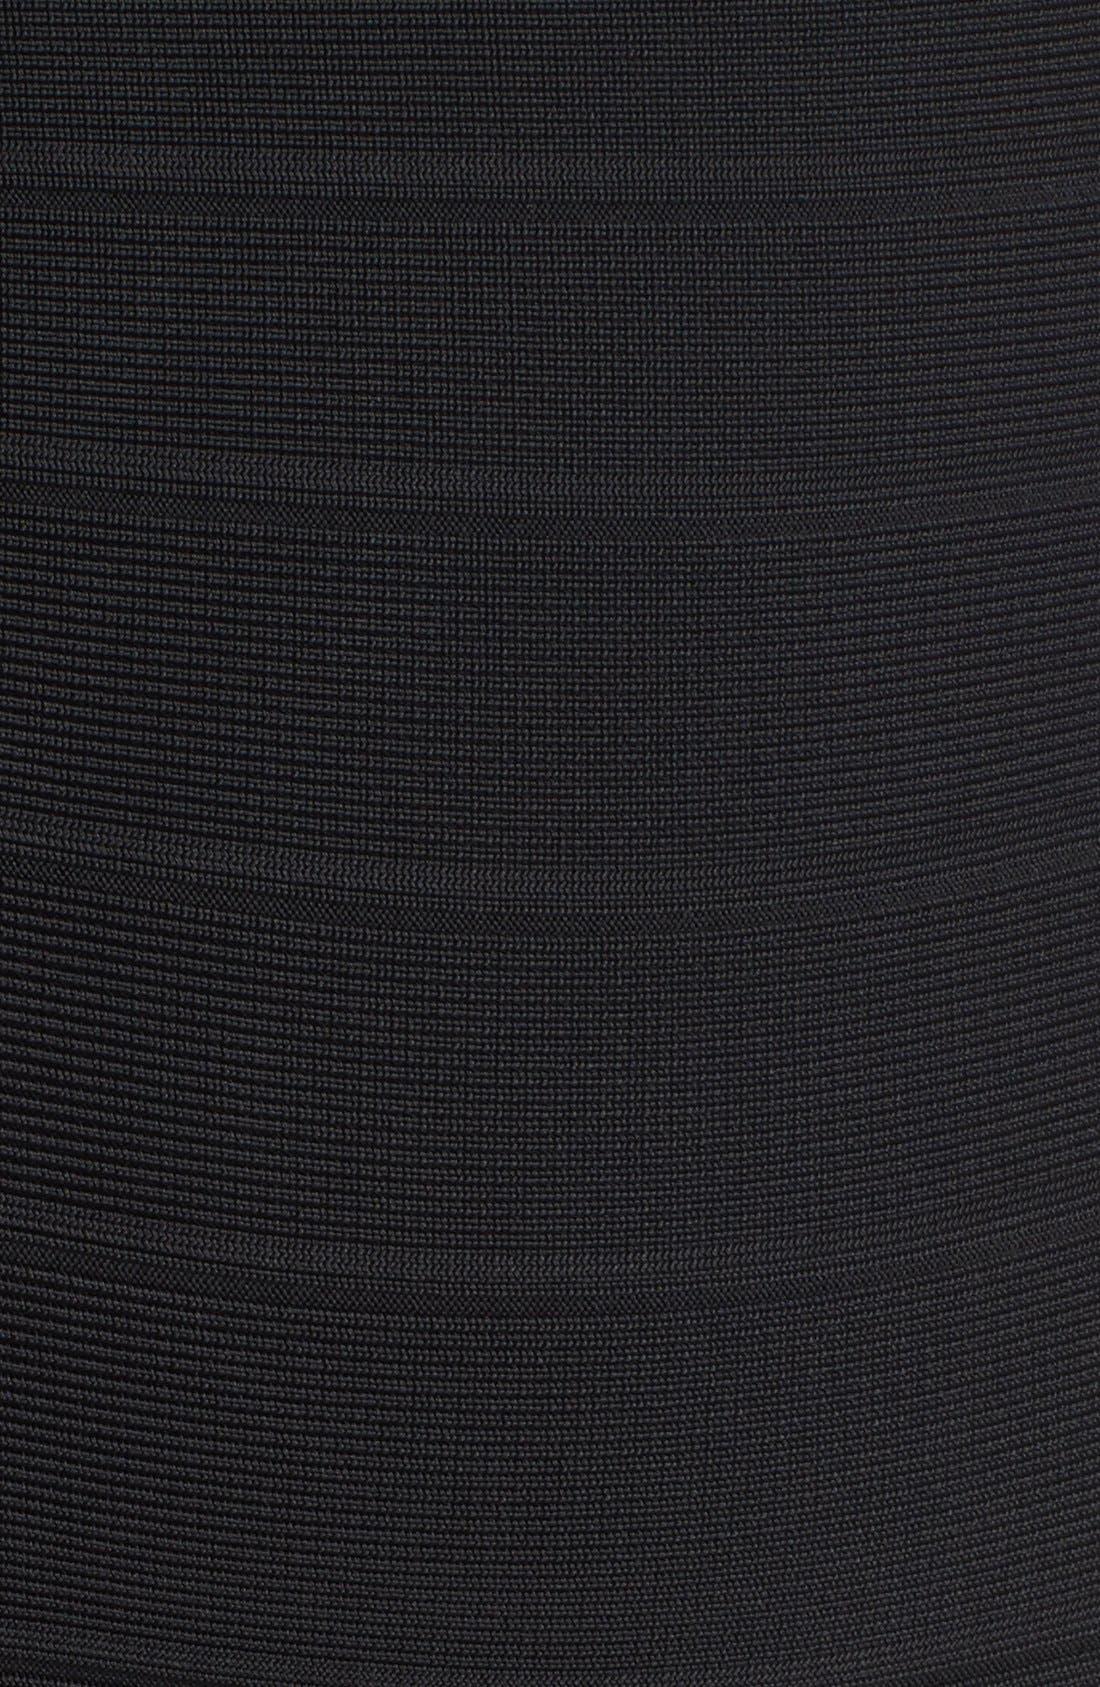 Alternate Image 3  - Herve Leger Illusion Yoke Bandage Gown